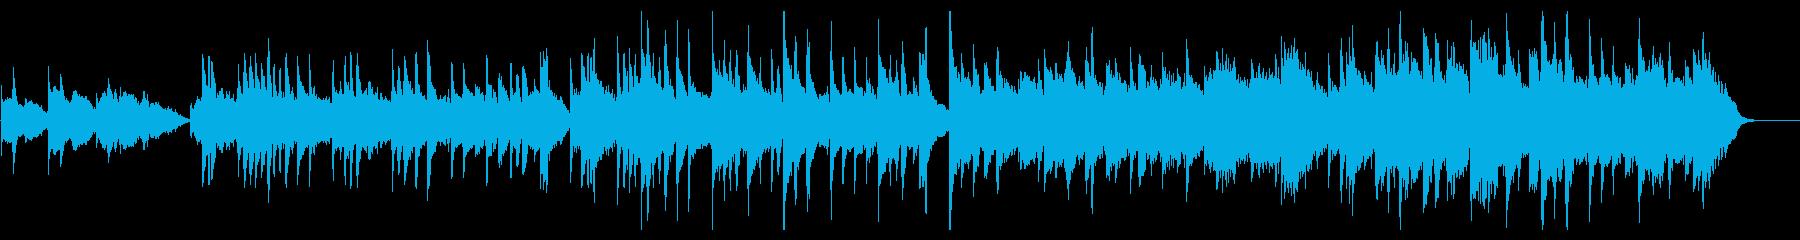 ストリングスとピアノの叙情的なサウンドの再生済みの波形